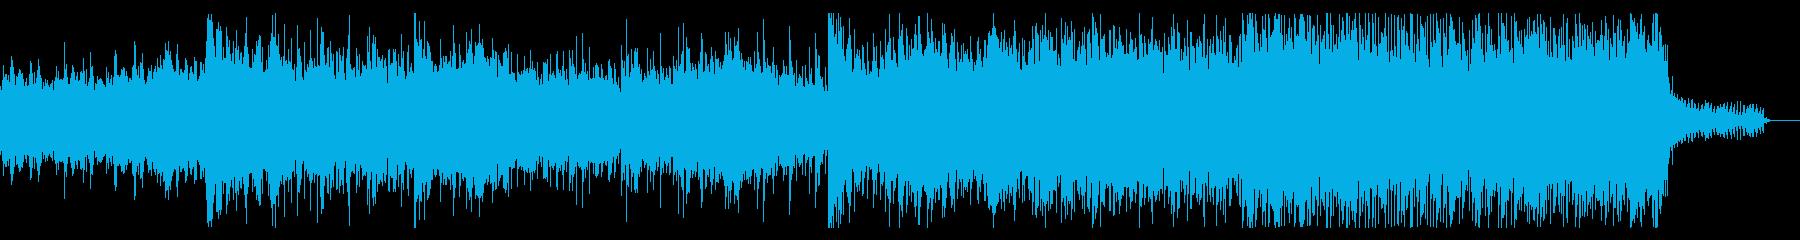 ゆっくり浮上するSF風アンビエントの再生済みの波形